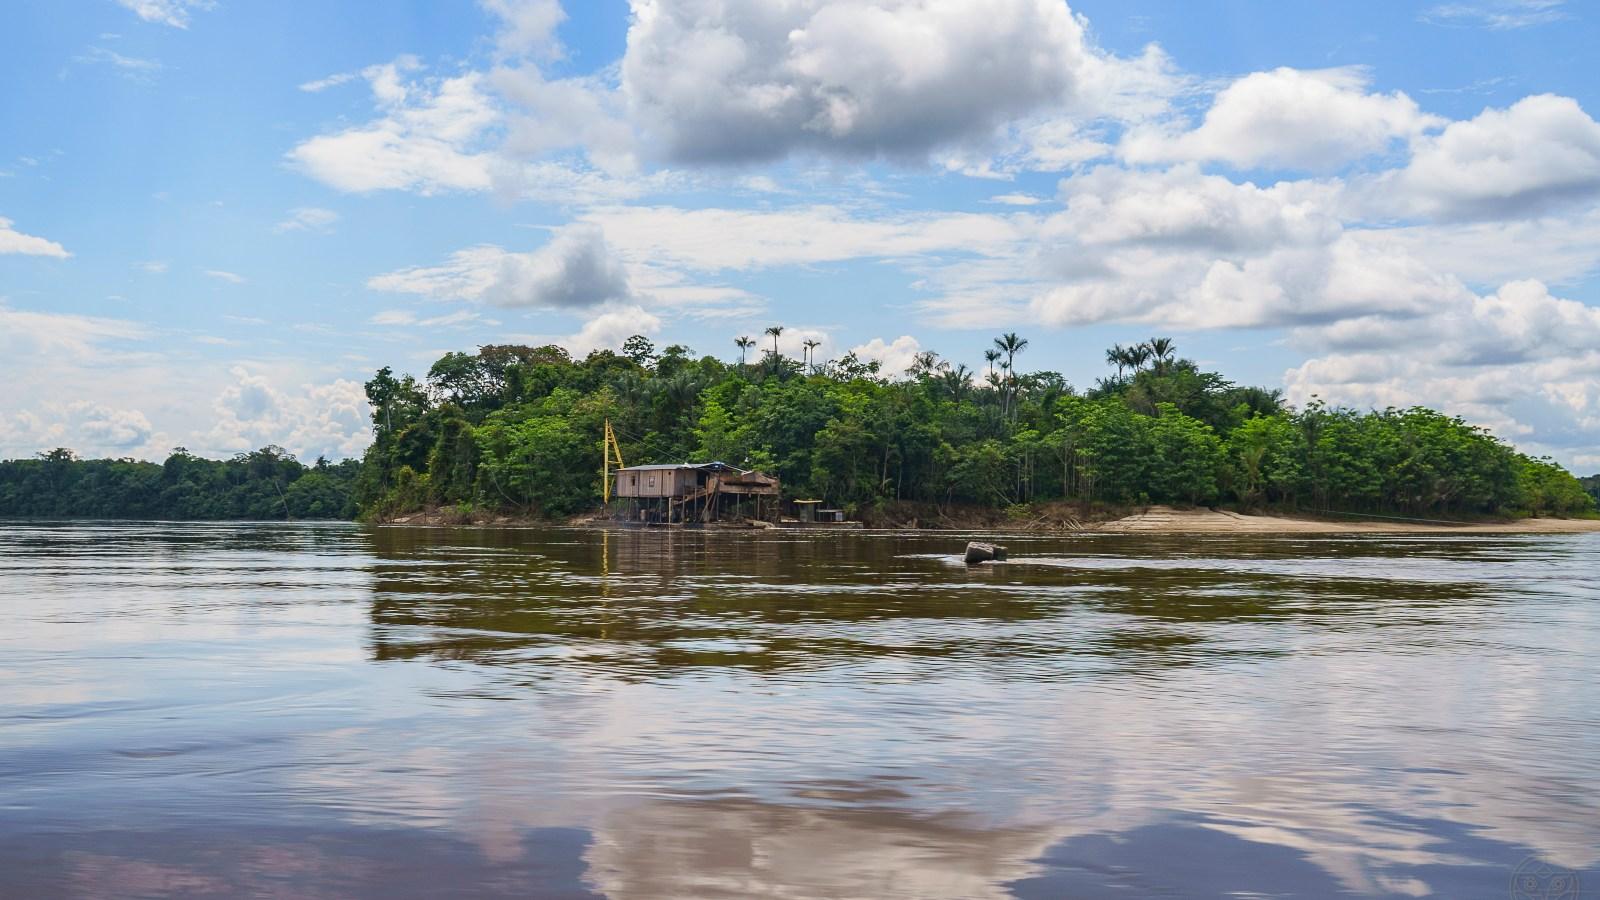 Peces nadan en mercurio en ríos amazónicos